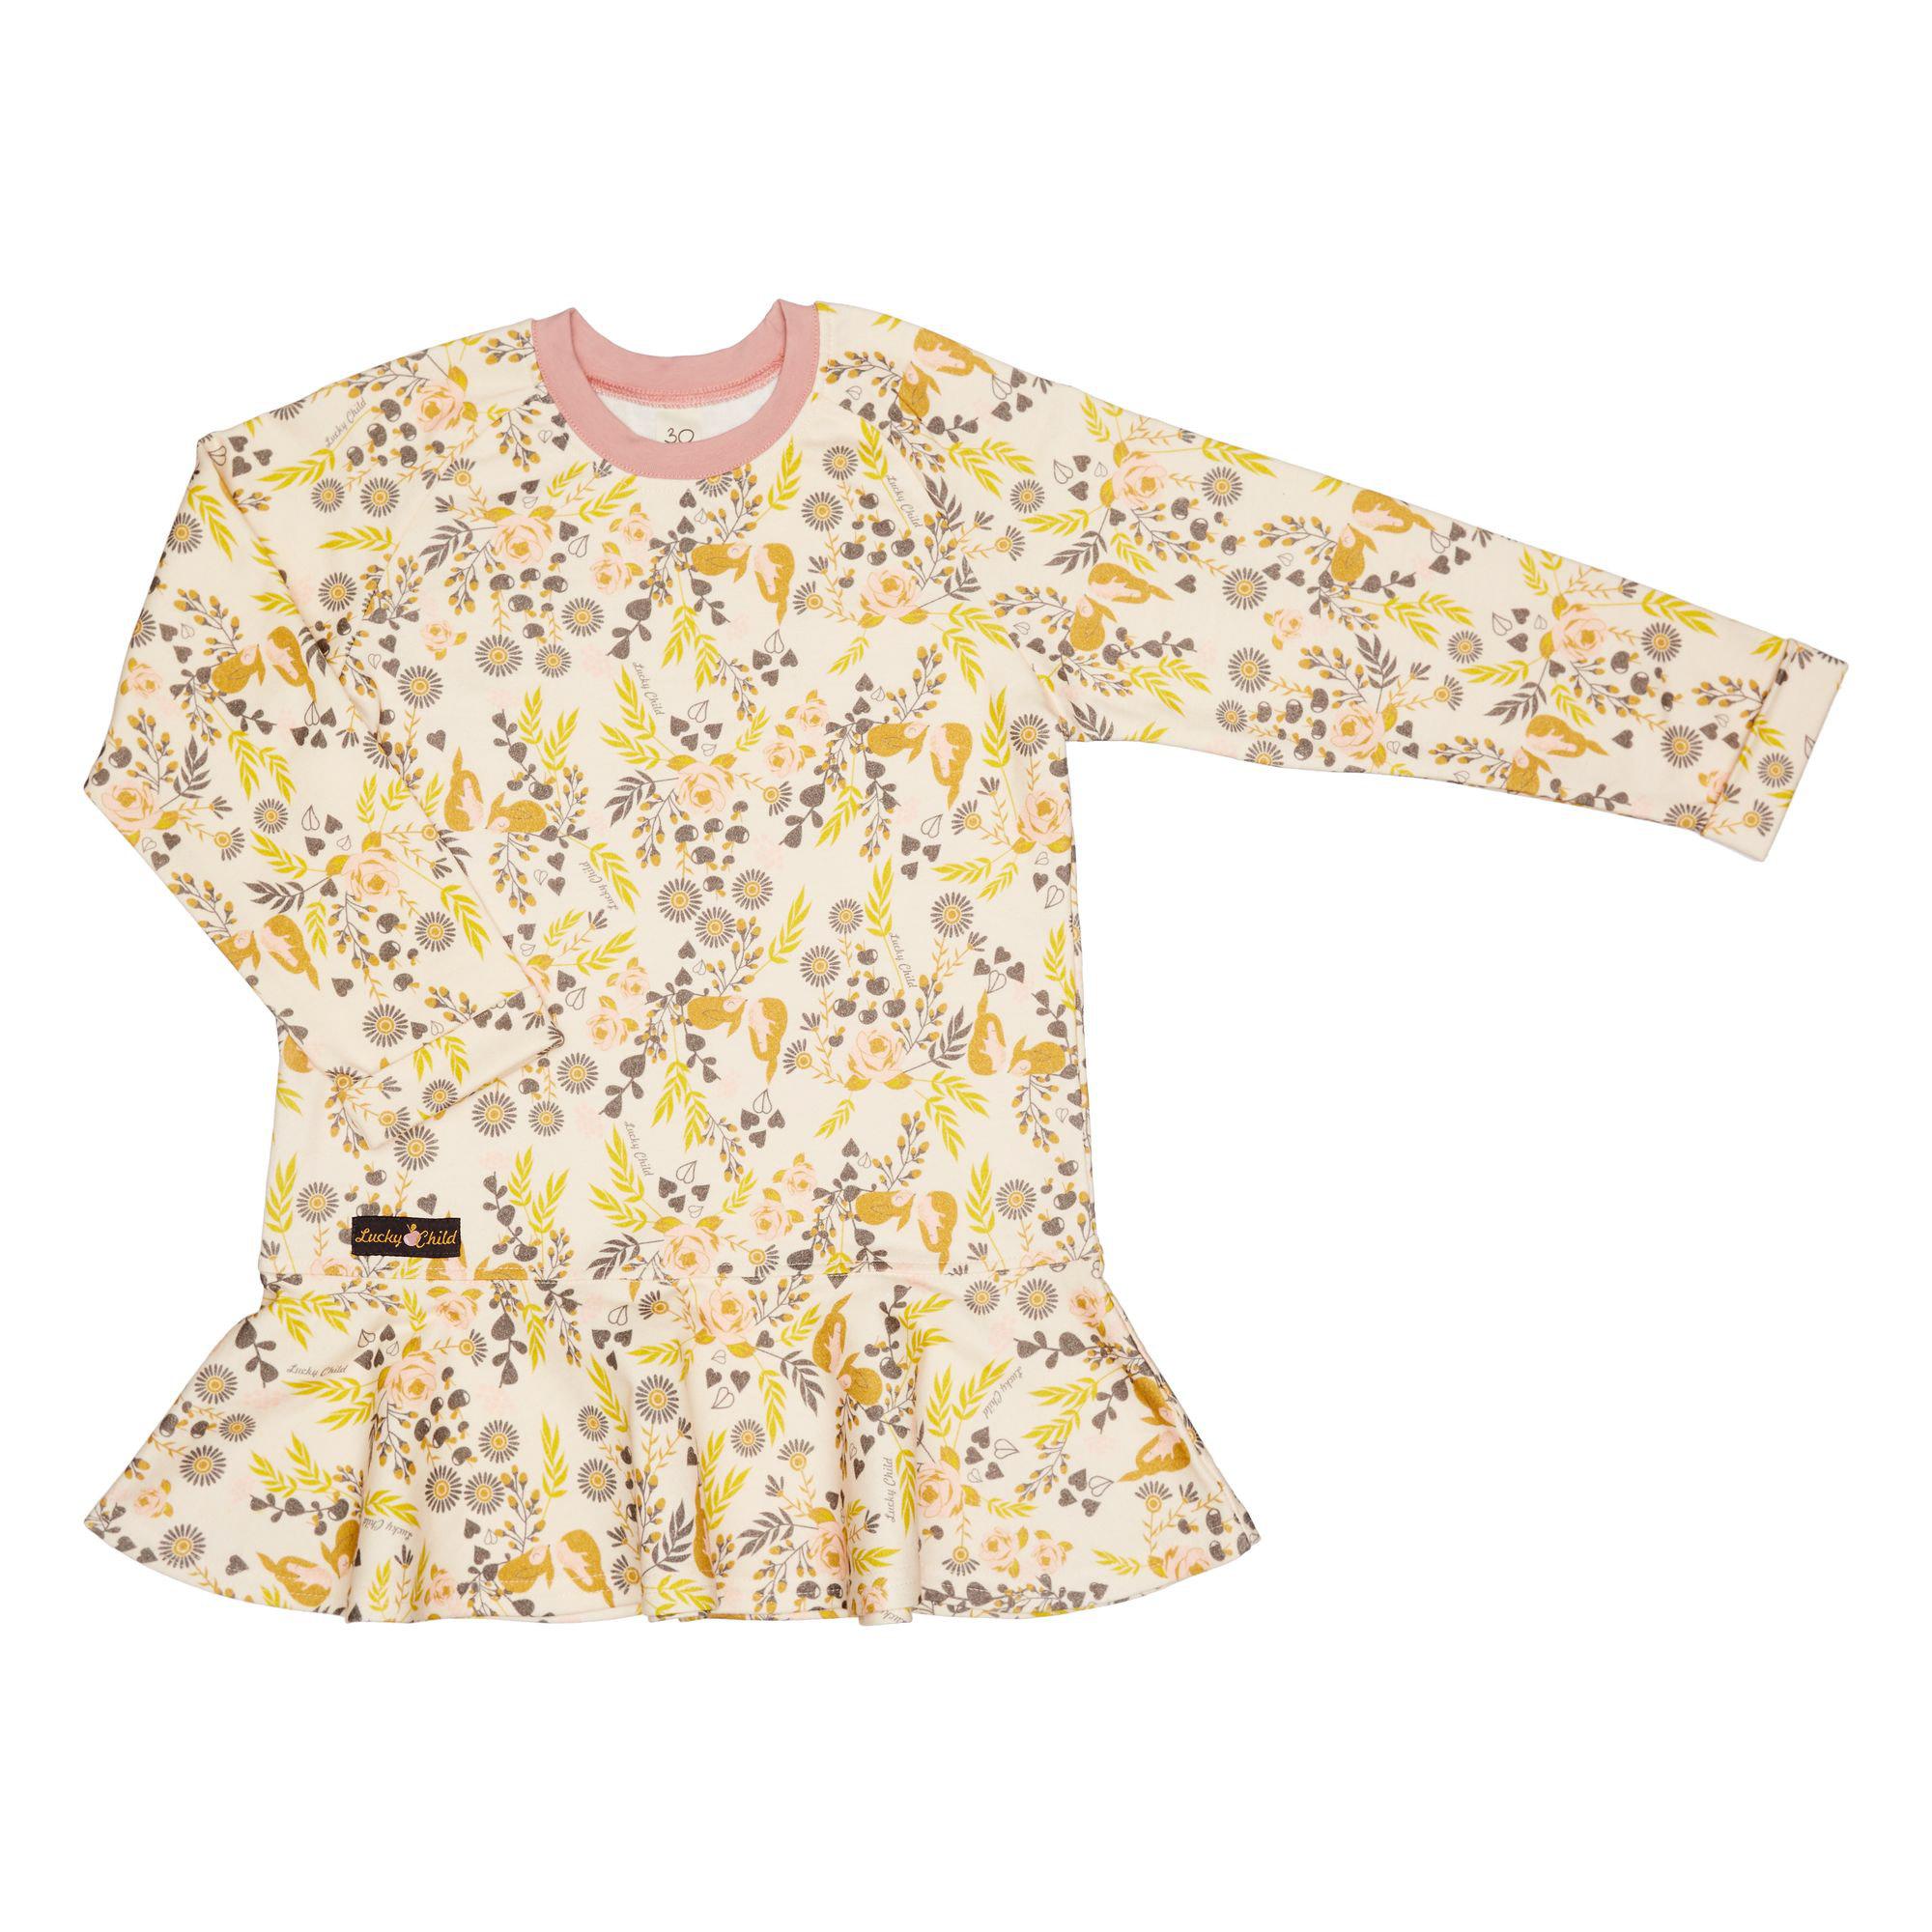 Купить Платье Lucky Child Осенний лес футер цветное 110-116, Разноцветный, Футер, Для девочек, Осень-Зима,